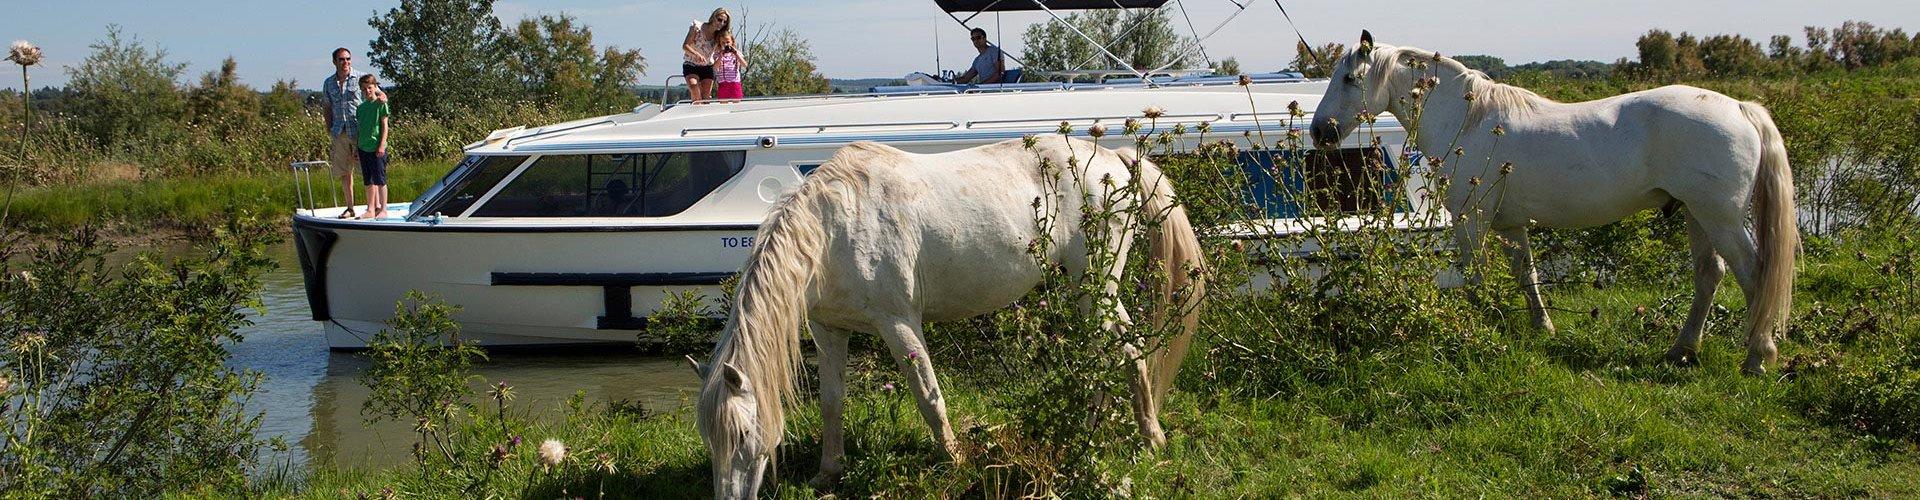 Vacanze in barca per appassionati di equitazione